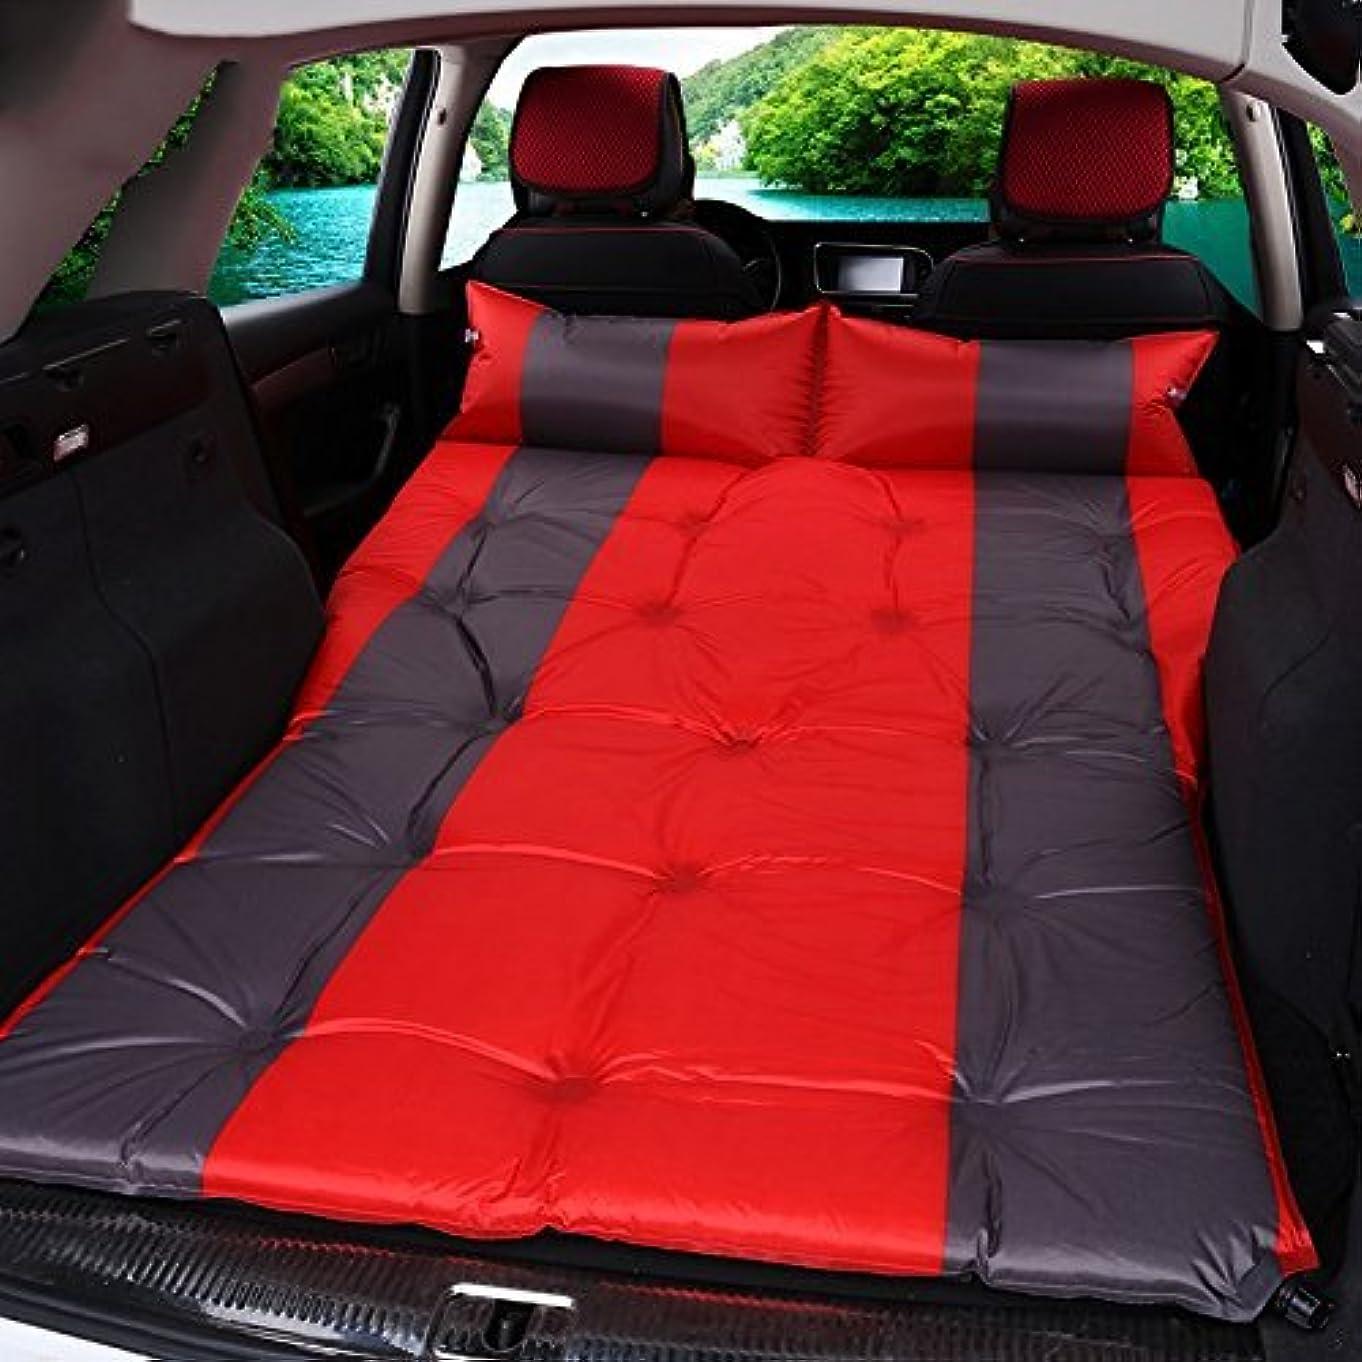 コウモリ崖毎月車のベッドWの膨脹可能なベッドのSuv車のベッド、旅行ベッドの睡眠のマット屋外の車のマットのキャンプの湿気防止のパッドの携帯用折られた旅行車の供給190 * 126 cm